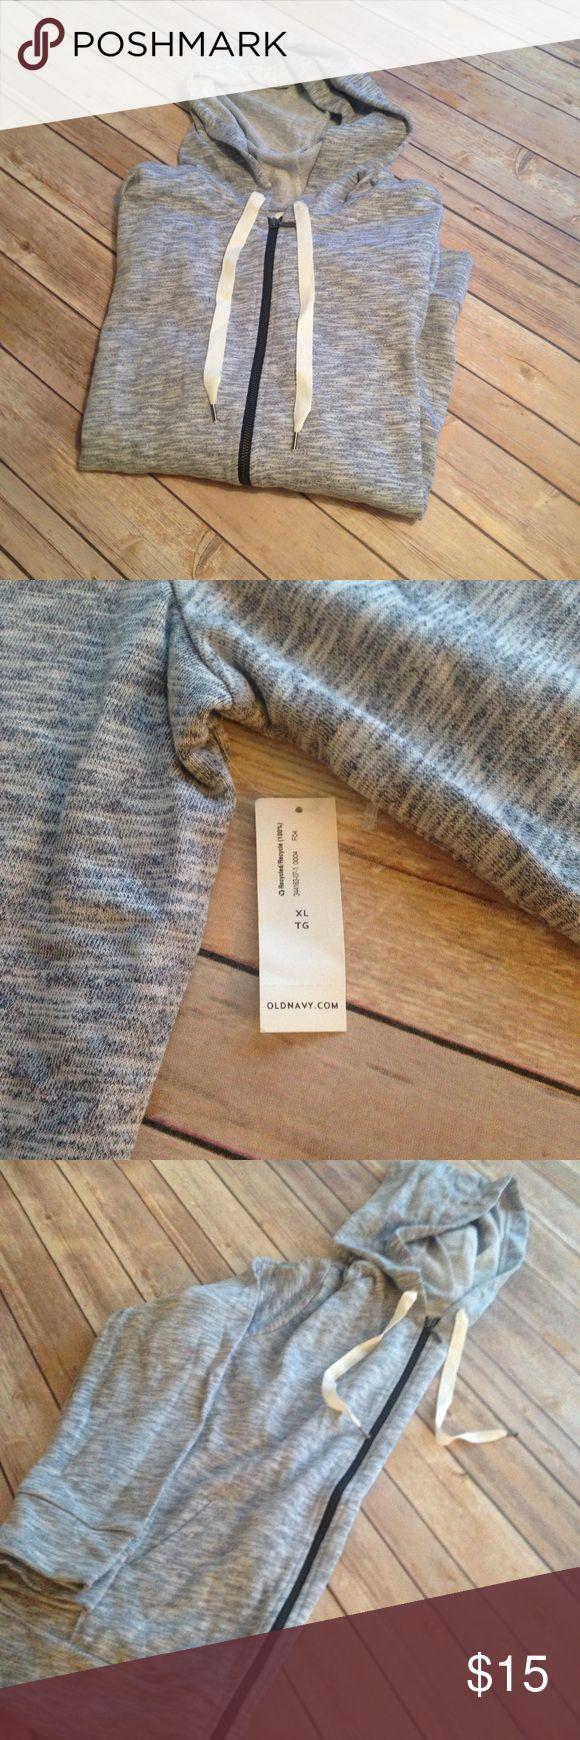 Old Navy Blue Marled Zip Up Hoodie XL Old Navy Blue Marled Zip Up Hooded Sweatshirt. Size XL. NWT. Thinner hoodie. Inner side feels like tweet cloth material. Old Navy Tops Sweatshirts & Hoodies